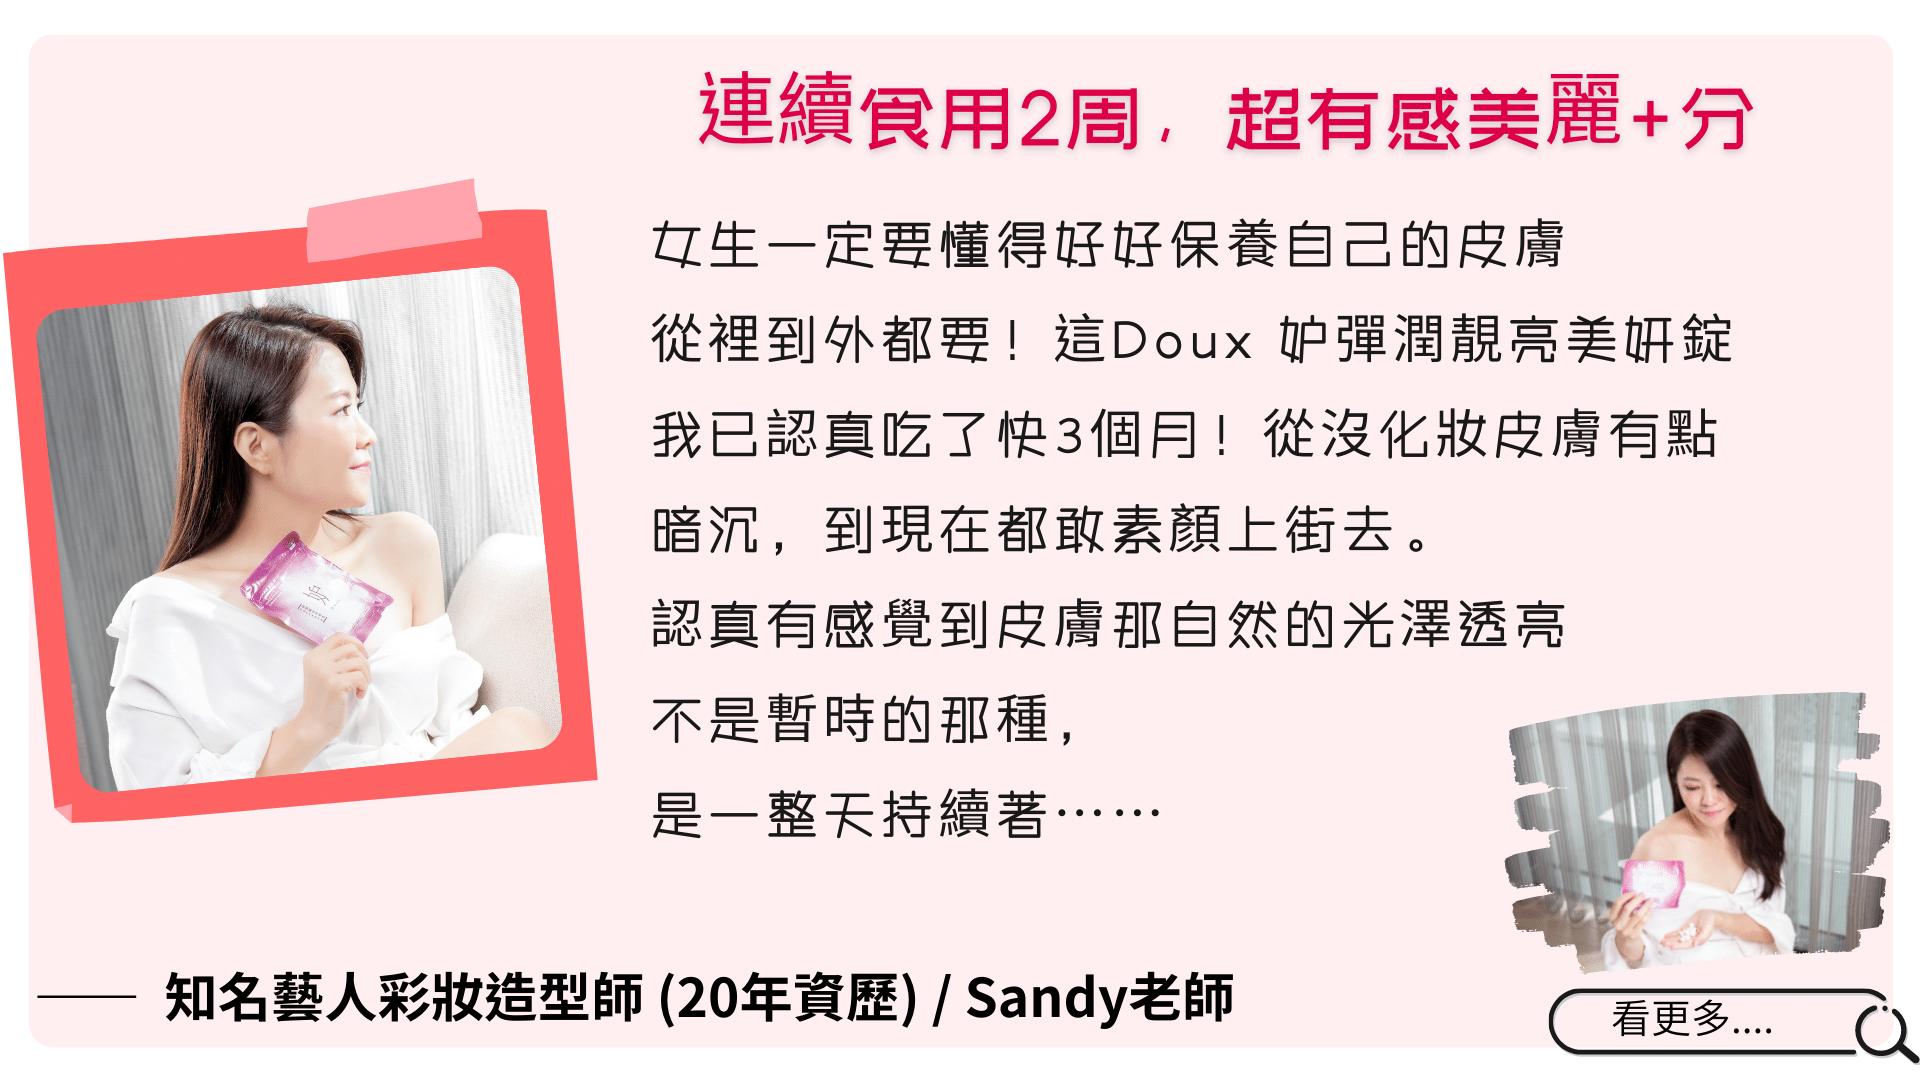 愛用者好評推薦 - 知名彩妝造型師 Sandy